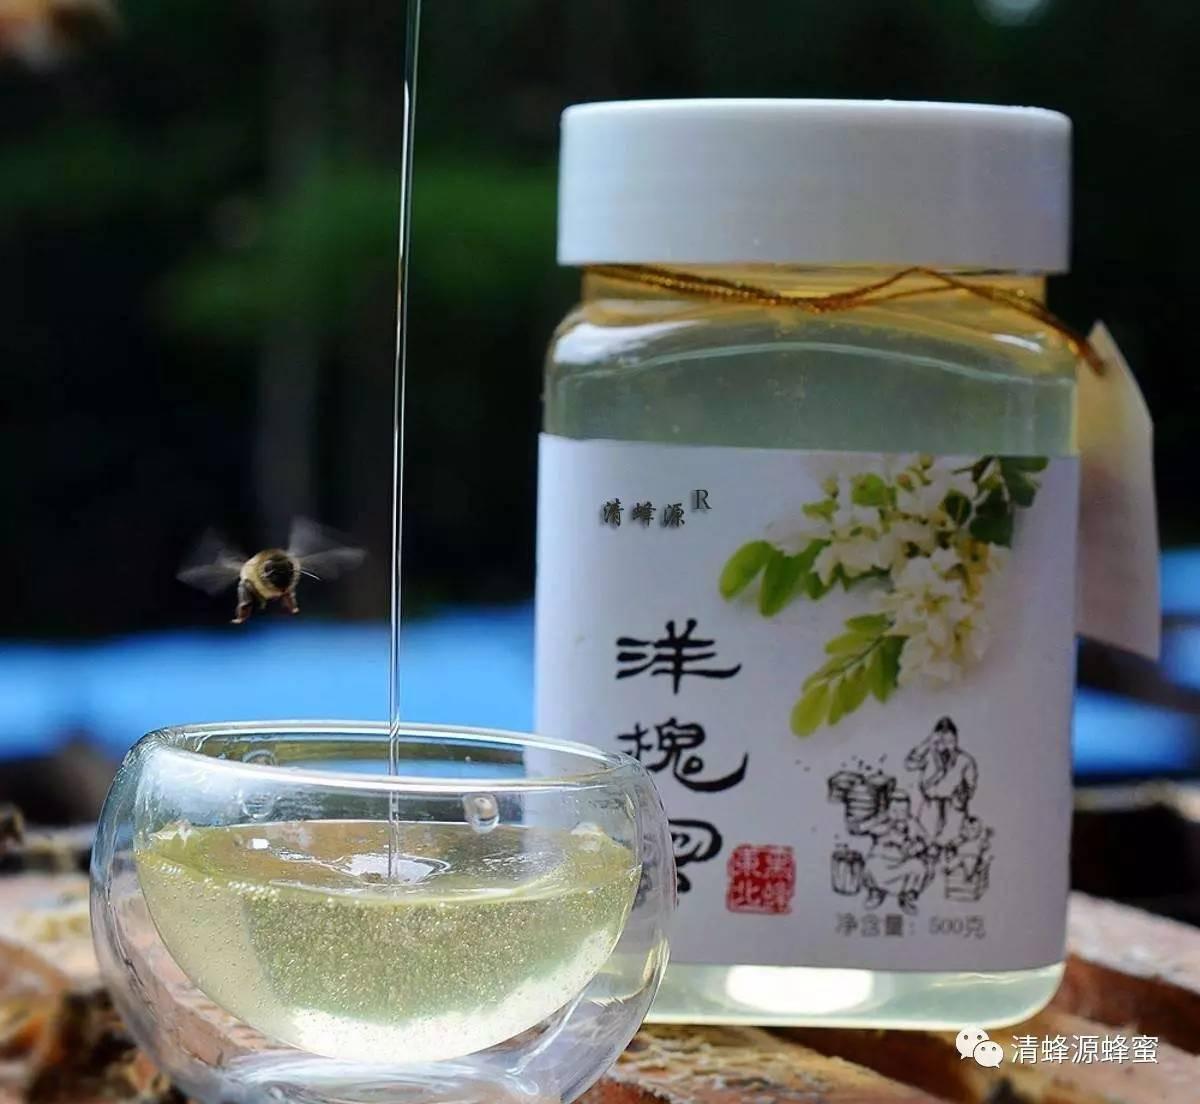 肠胃不好喝蜂蜜 养蜂人的蜂蜜是的吗 早上喝蜂蜜水还是白开水 无花果加蜂蜜 蜂蜜补水吗